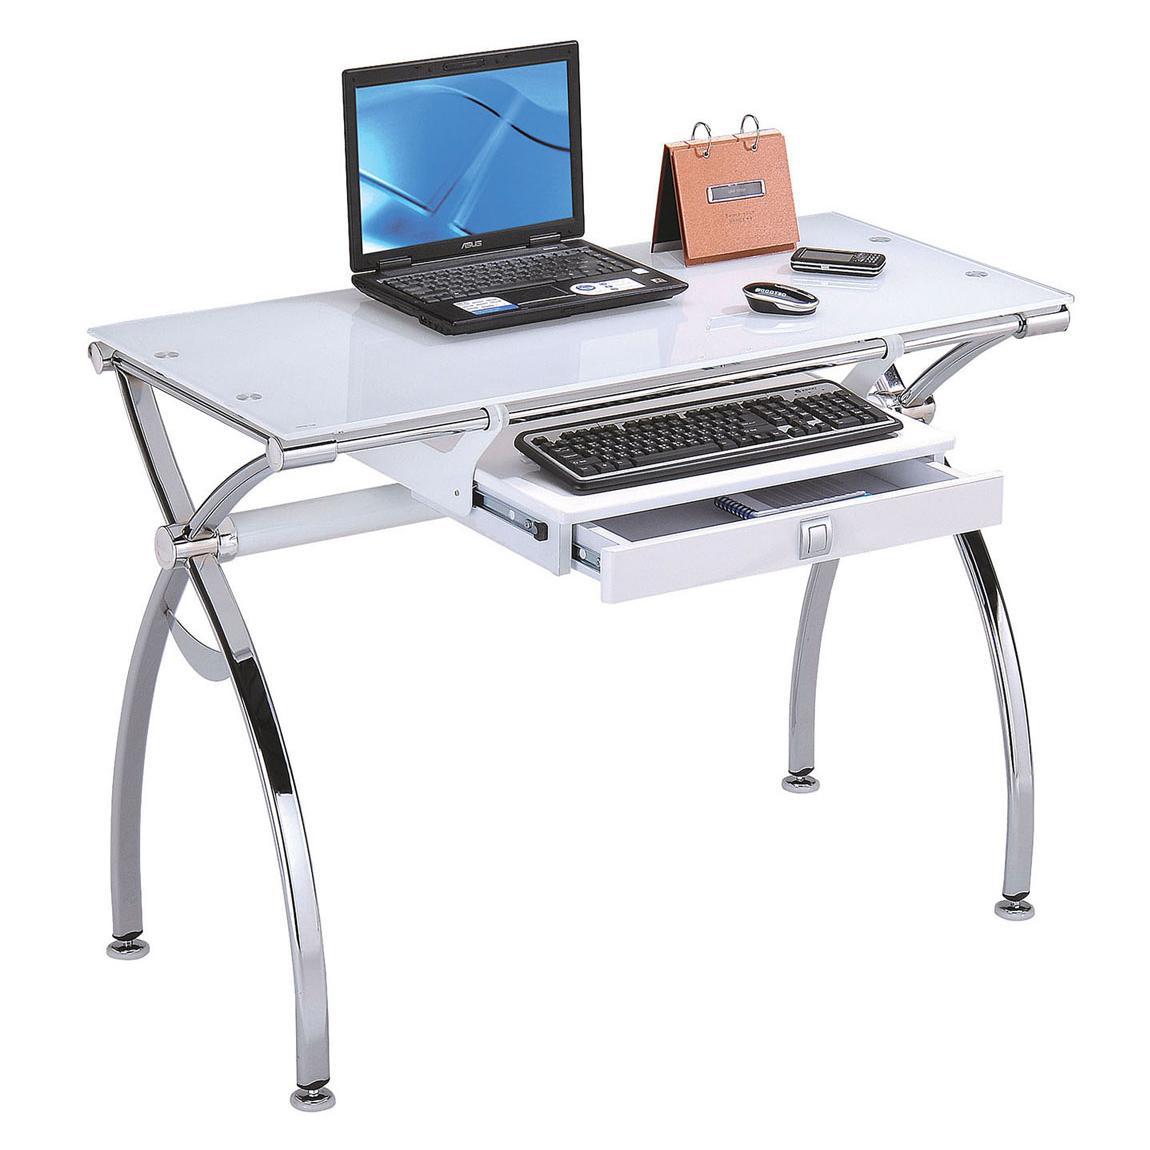 Acme furniture retro 92062 contemporary metal and glass computer desk del sol furniture - Metal office desk ...